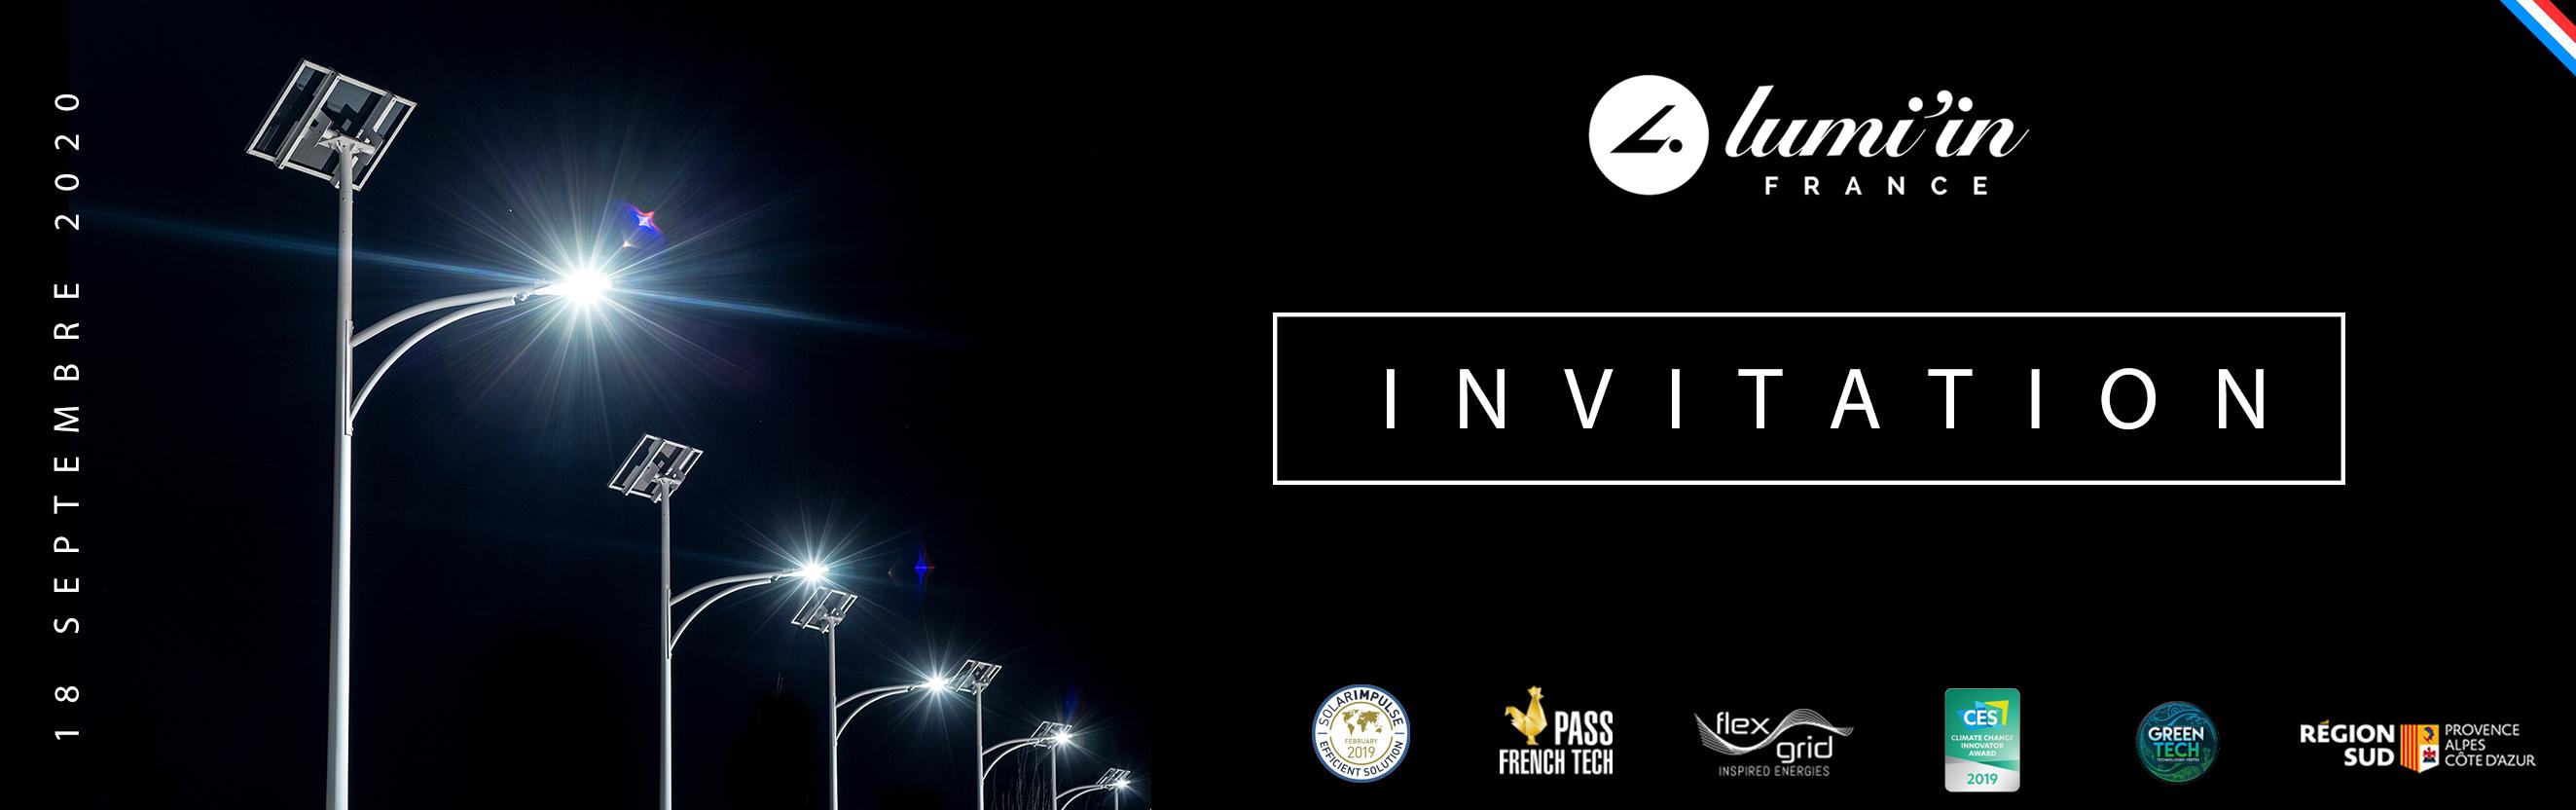 Invitation 18 septembre 2020 : Inauguration de nouveaux locaux